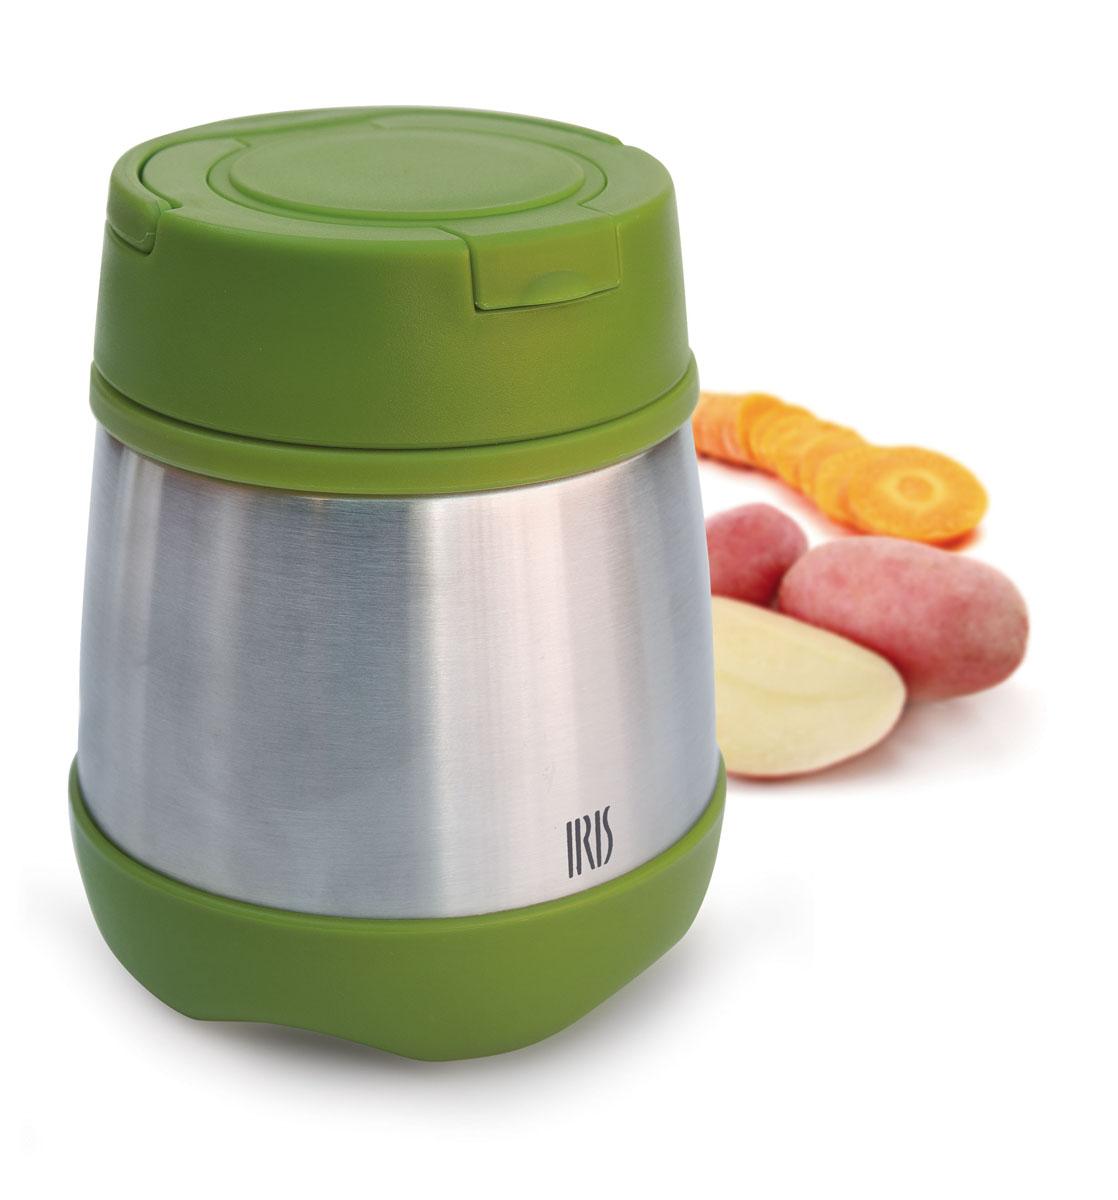 IRIS Термос с ложечкой 350мл/ Зеленый8303-IВакуумный термос с теплоизолирующей крышкой. Идеально сохраняет еду вашего малыша теплой долгое время. До 5 часов сохраняет температуру (как горячей, так и холодной еды). 100% герметичный, не содержит Бисфенола А. В конструкции предусмотрено специальное отделение со складной ложечкой. А также есть откидная ручка для переноски (справится даже малыш).